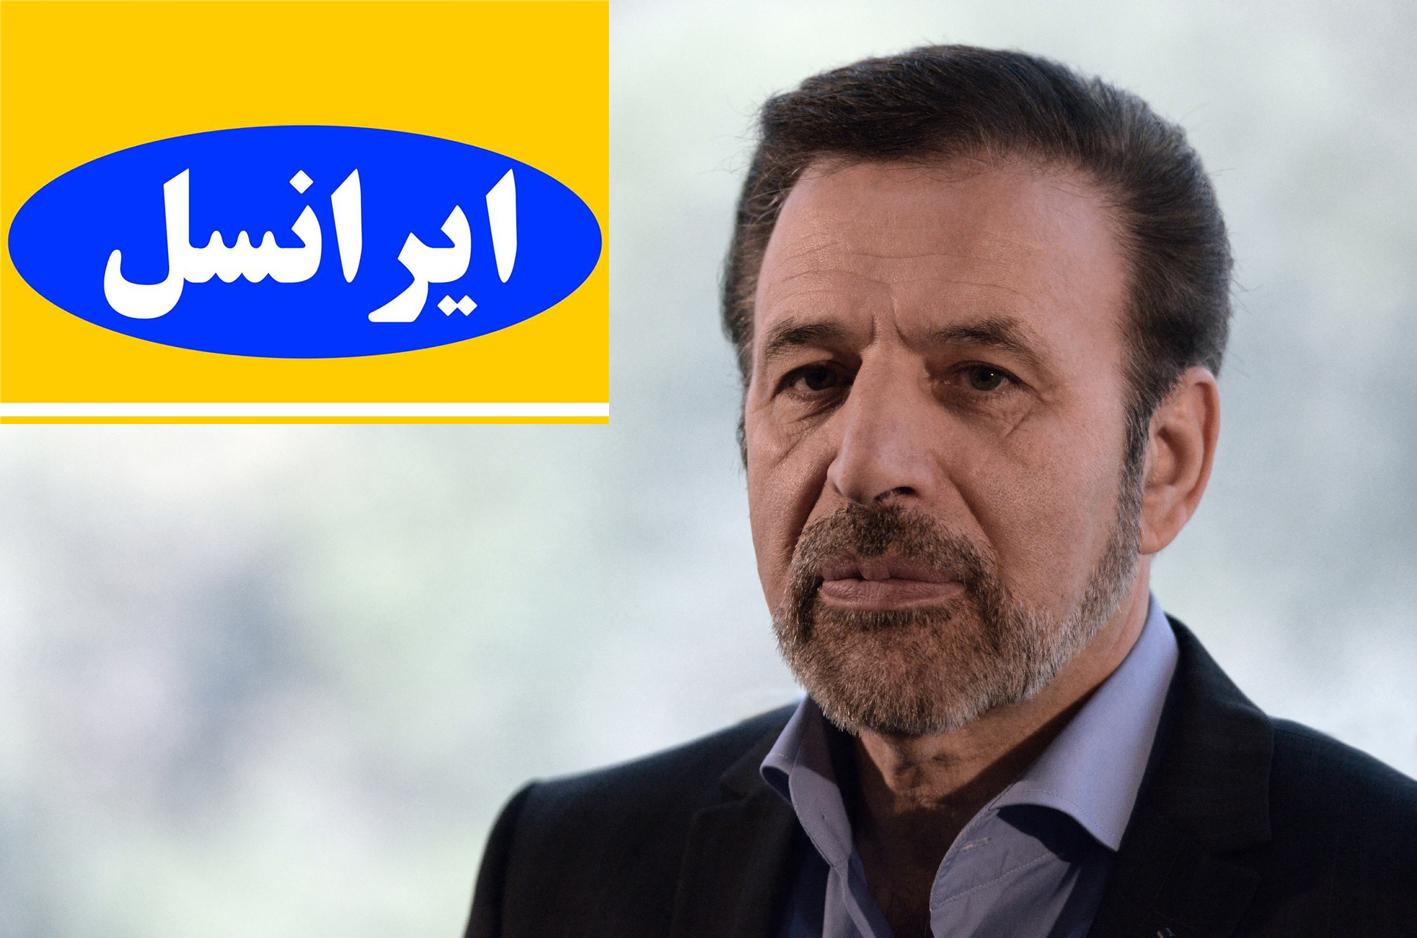 چه کسی دروغ میگوید؛ وزیر ارتباطات یا ایرانسل؟